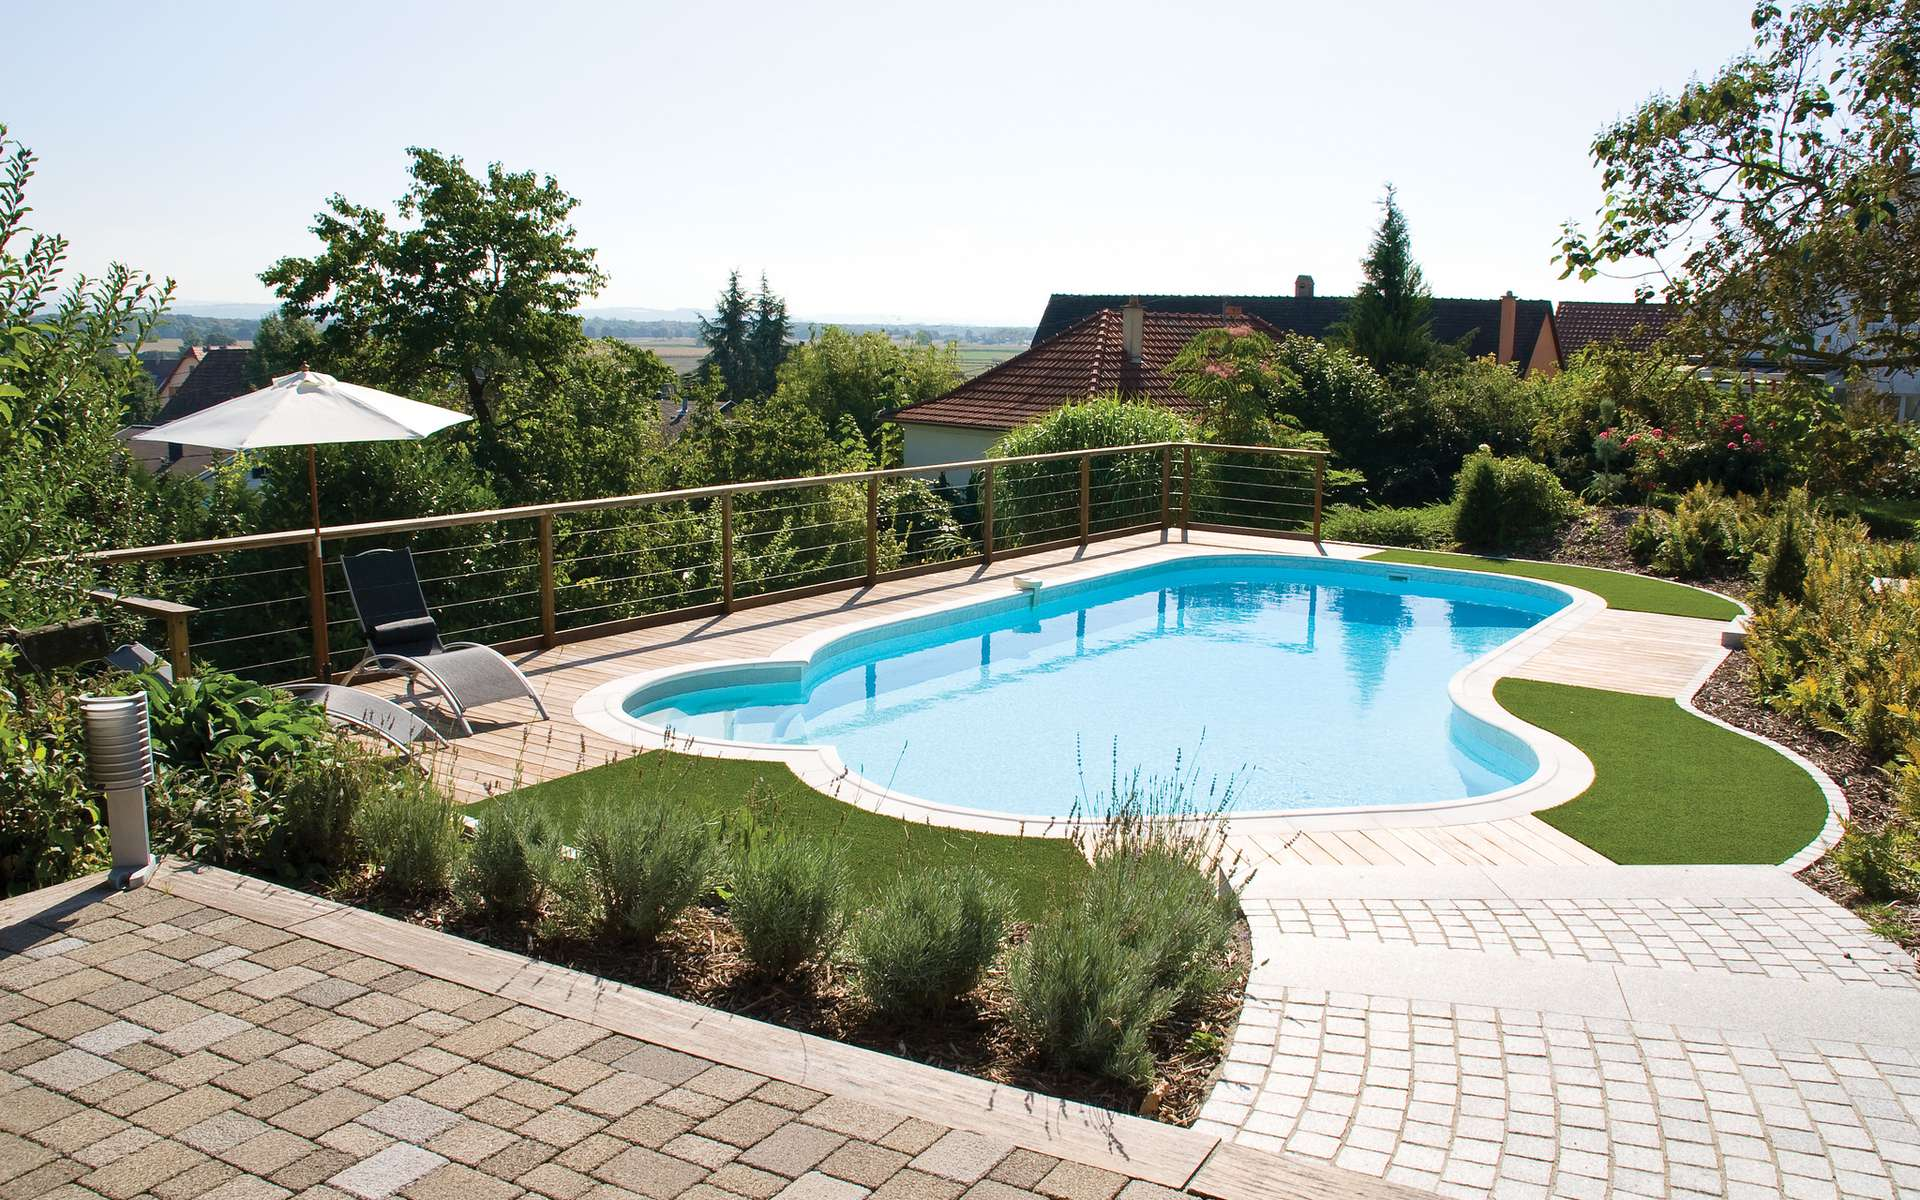 L'installation d'une piscine en résine est rapide et peu coûteuse. © Piscines Waterair, Wikimedia Commons, CC BY 2.0